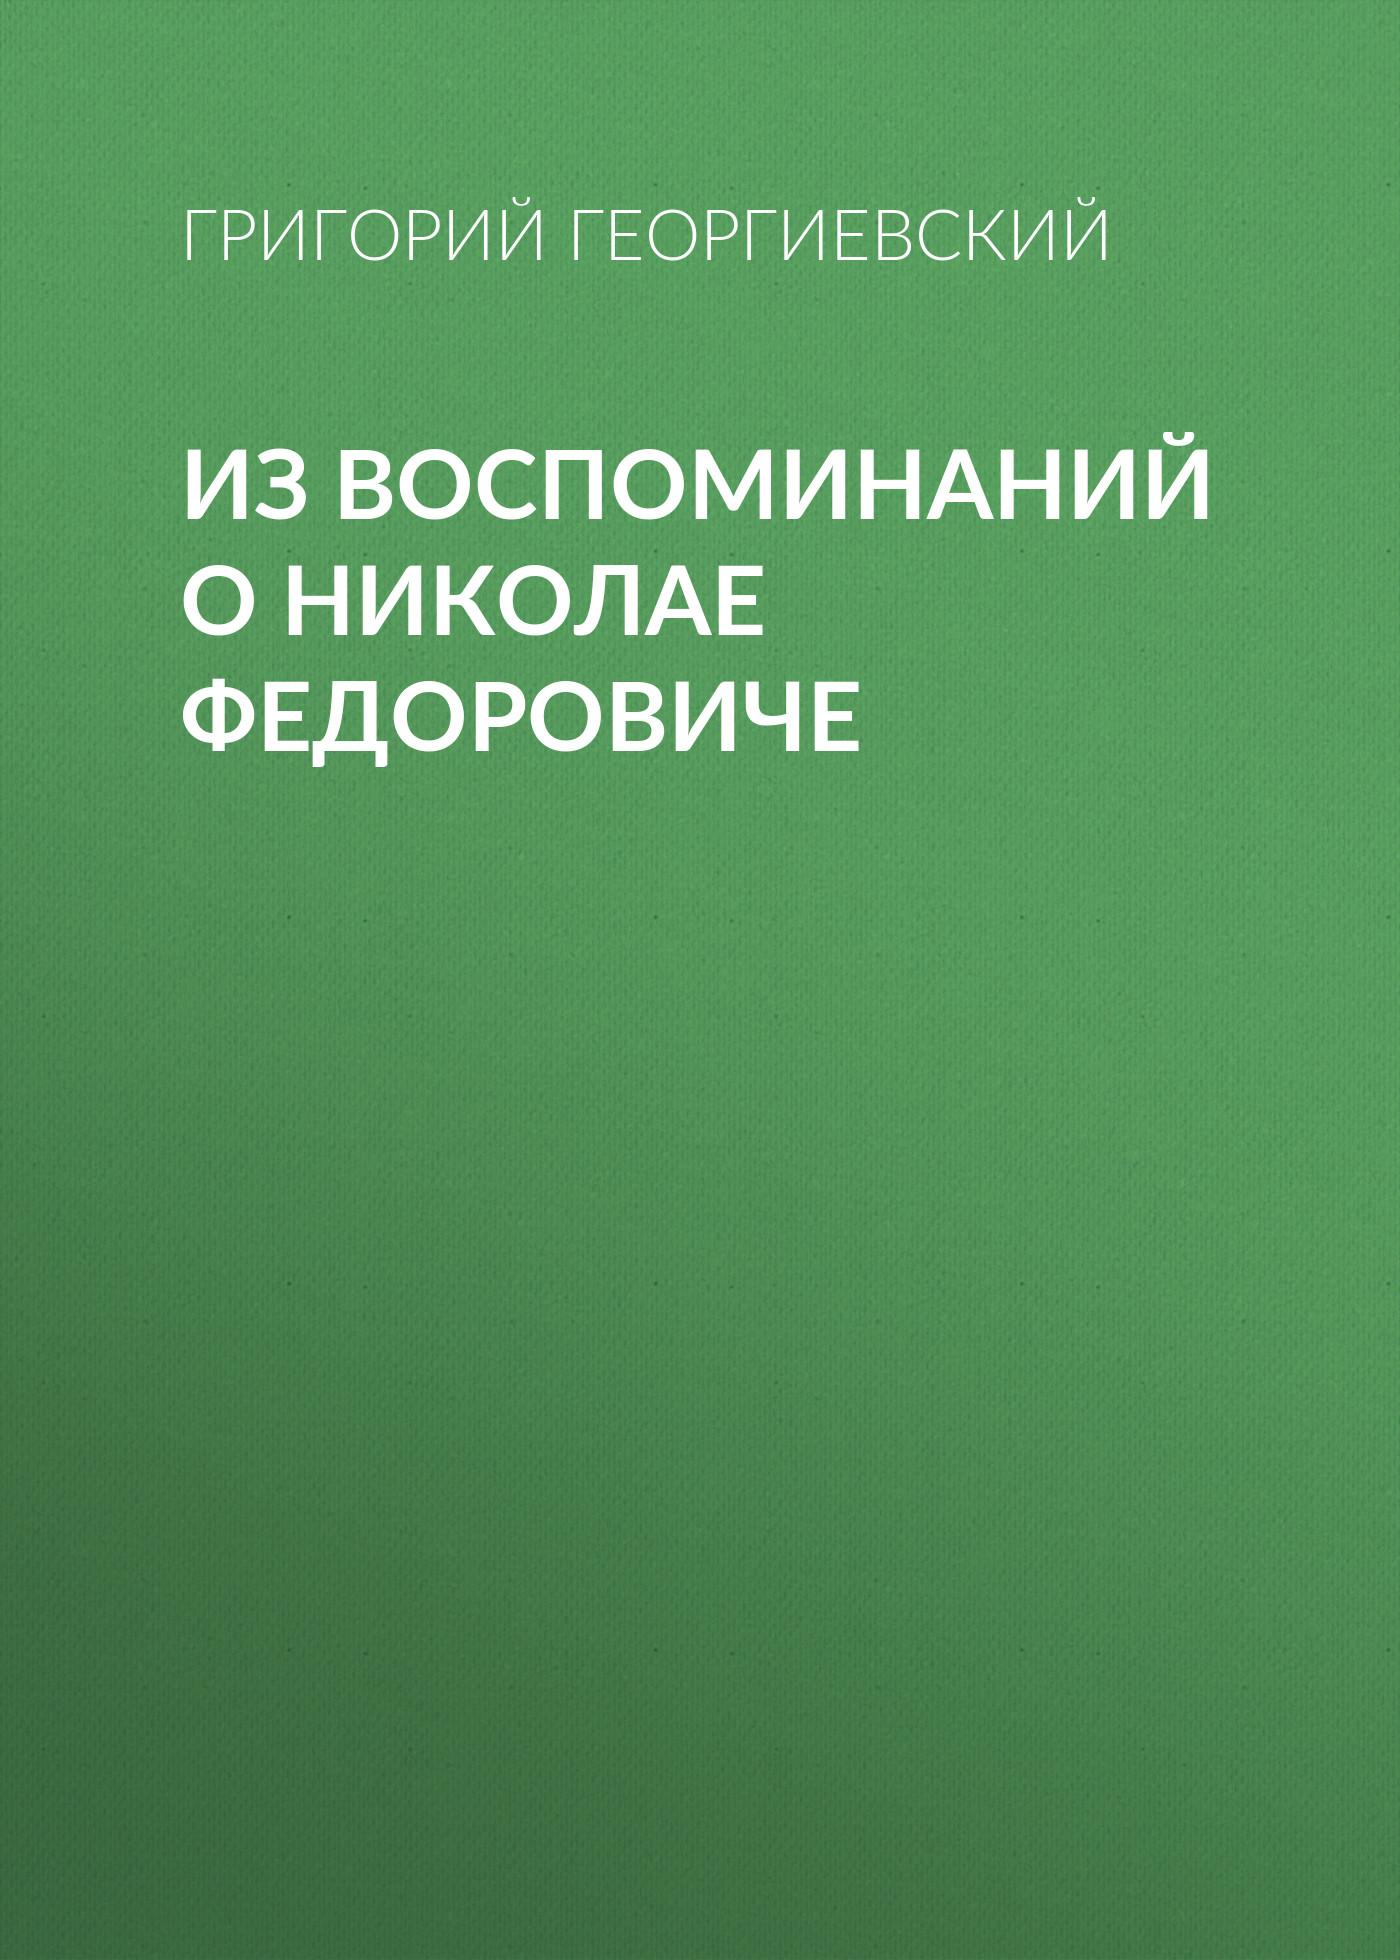 Григорий Георгиевский Из воспоминаний о Николае Федоровиче григорий георгиевский памяти николая федоровича